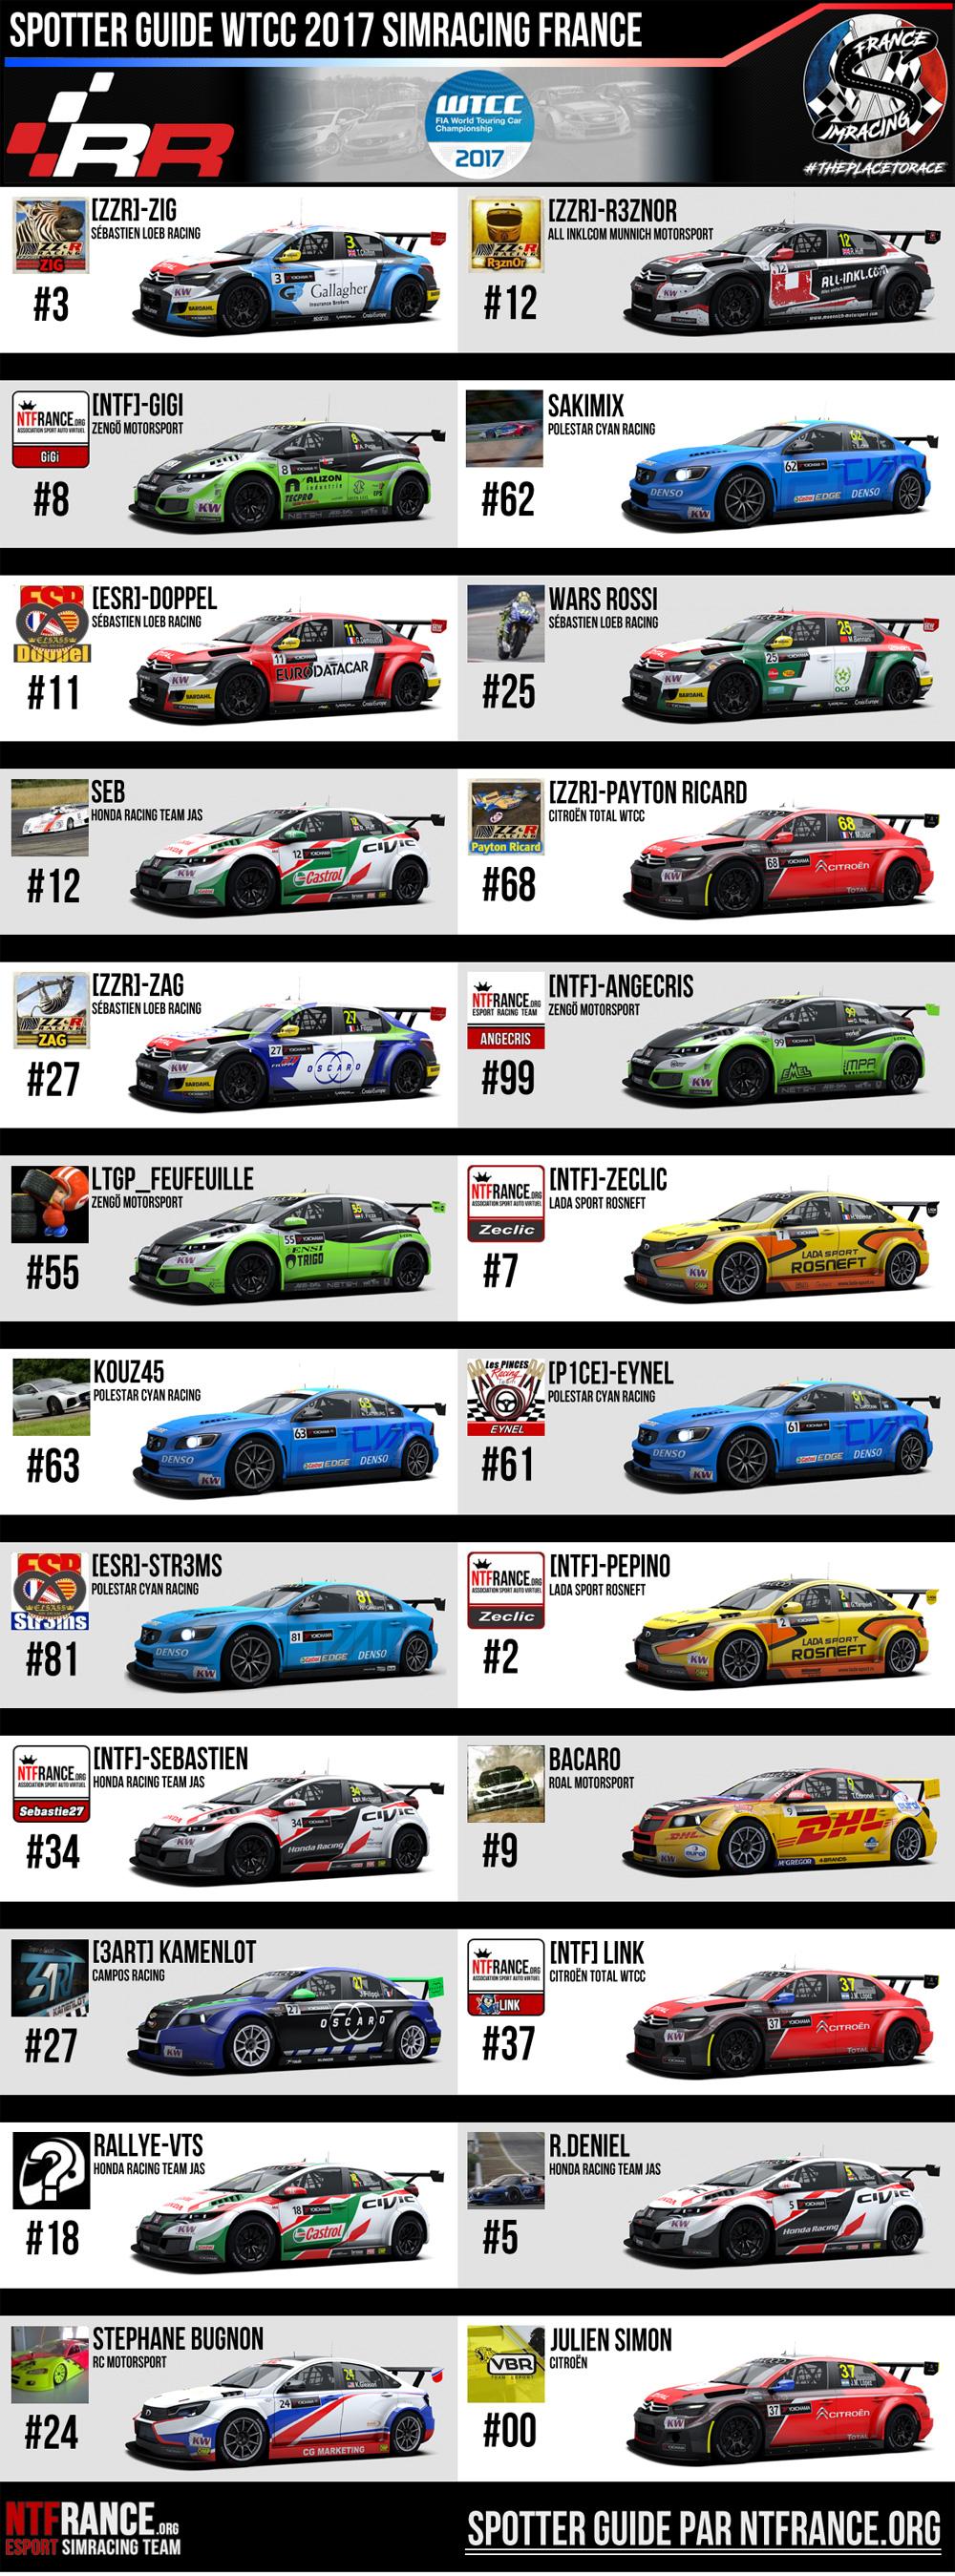 Raceroom sportter guide ntfrance